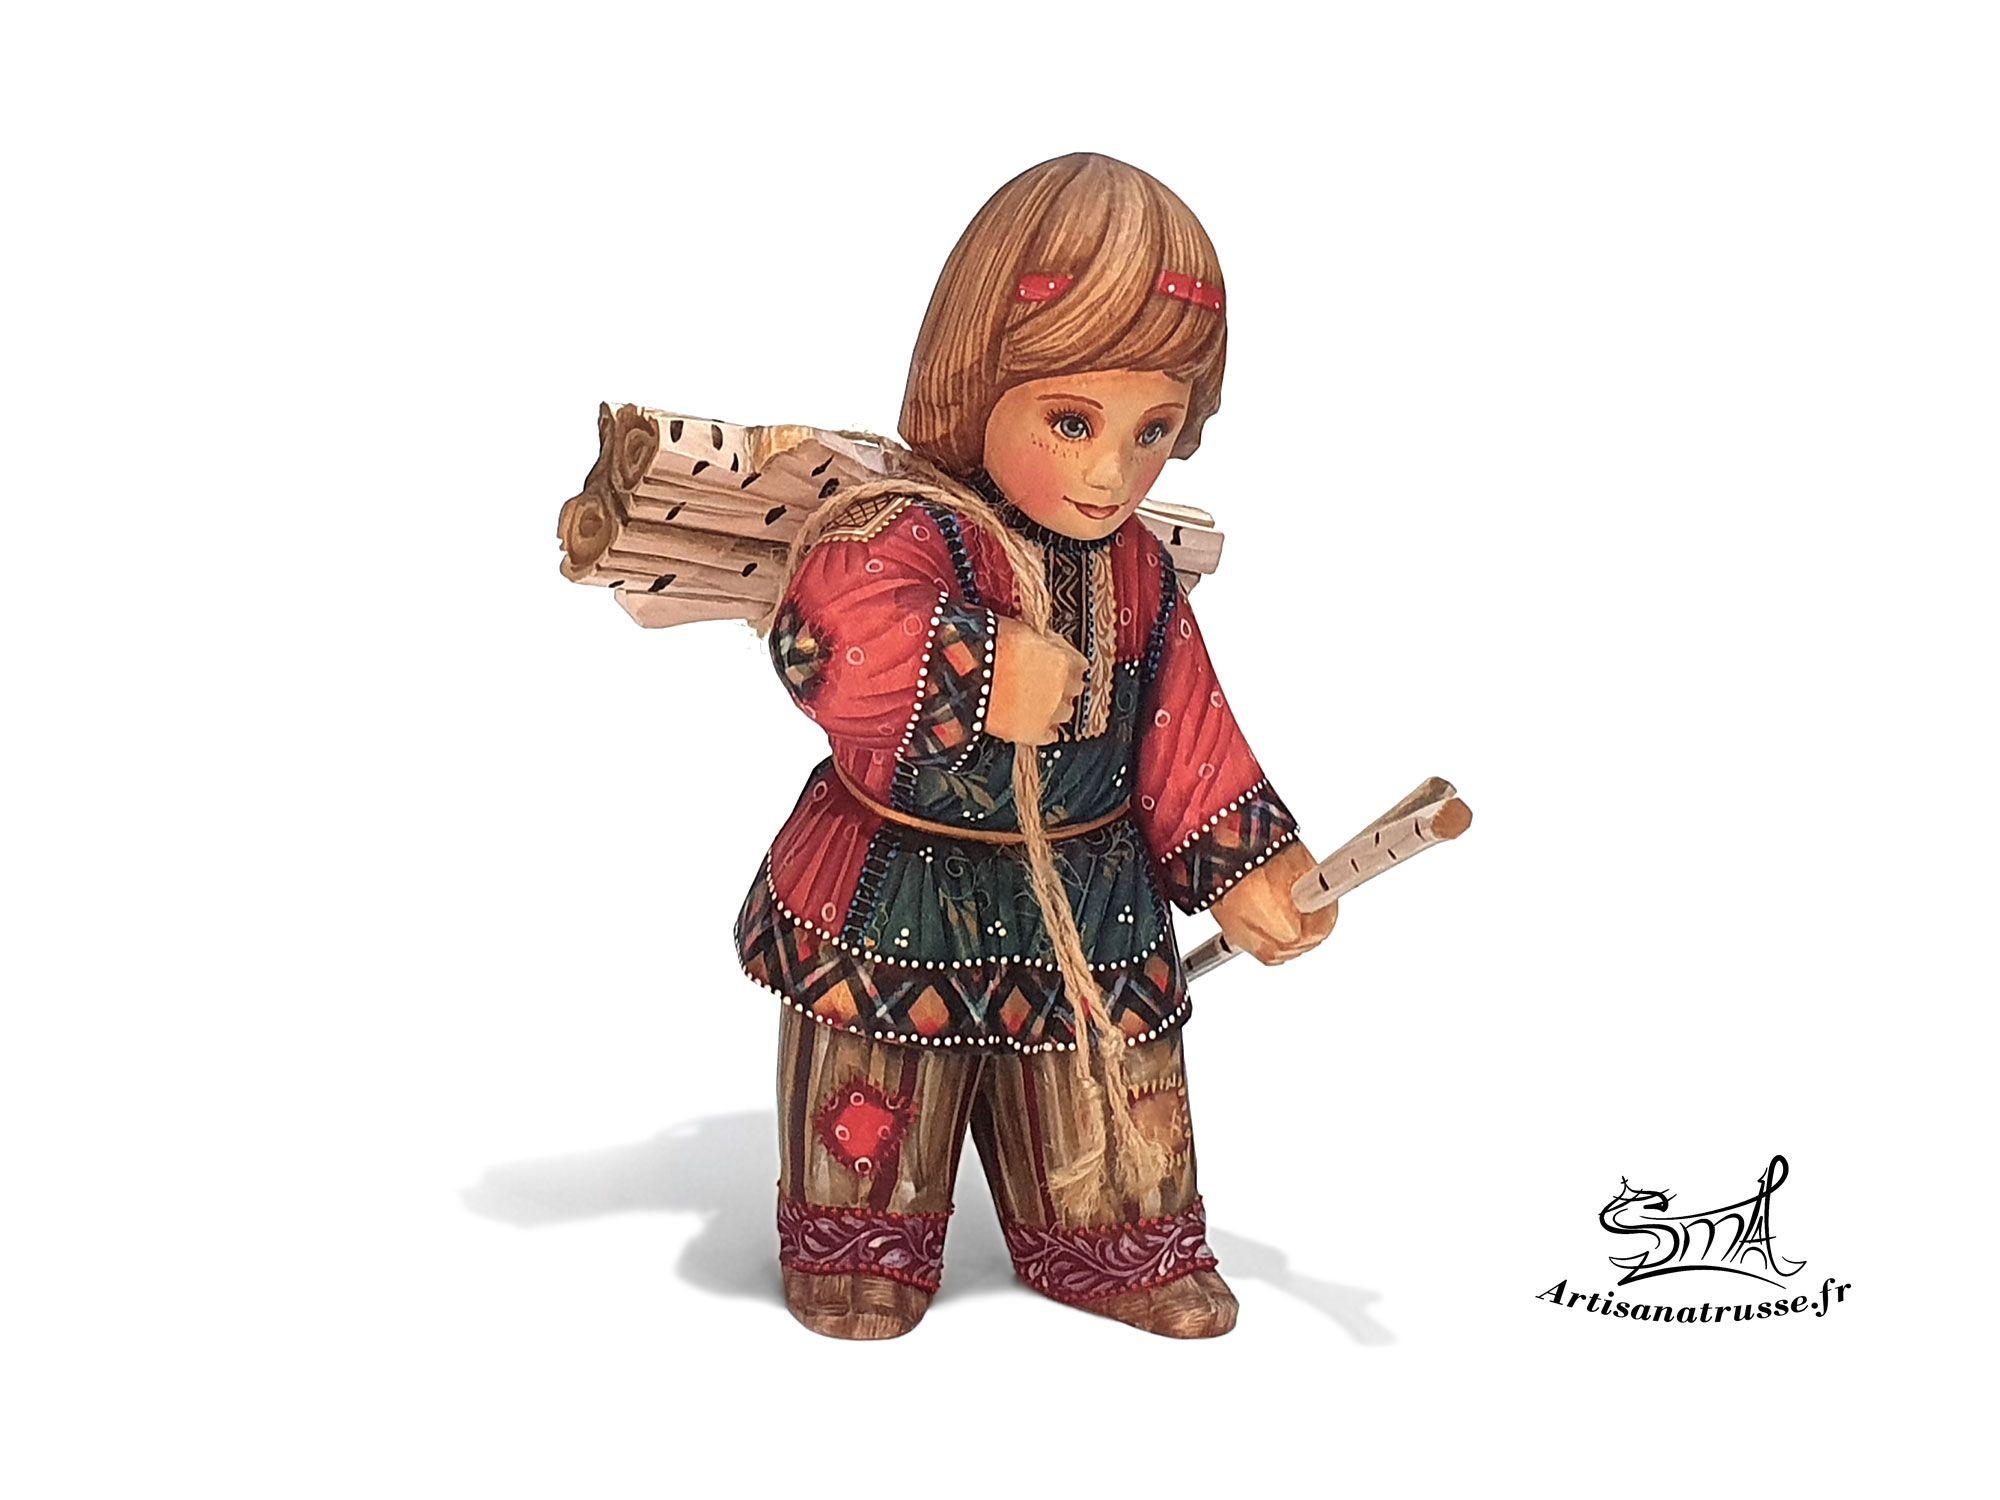 Statuette en bois. Un petit garçon avec des buches